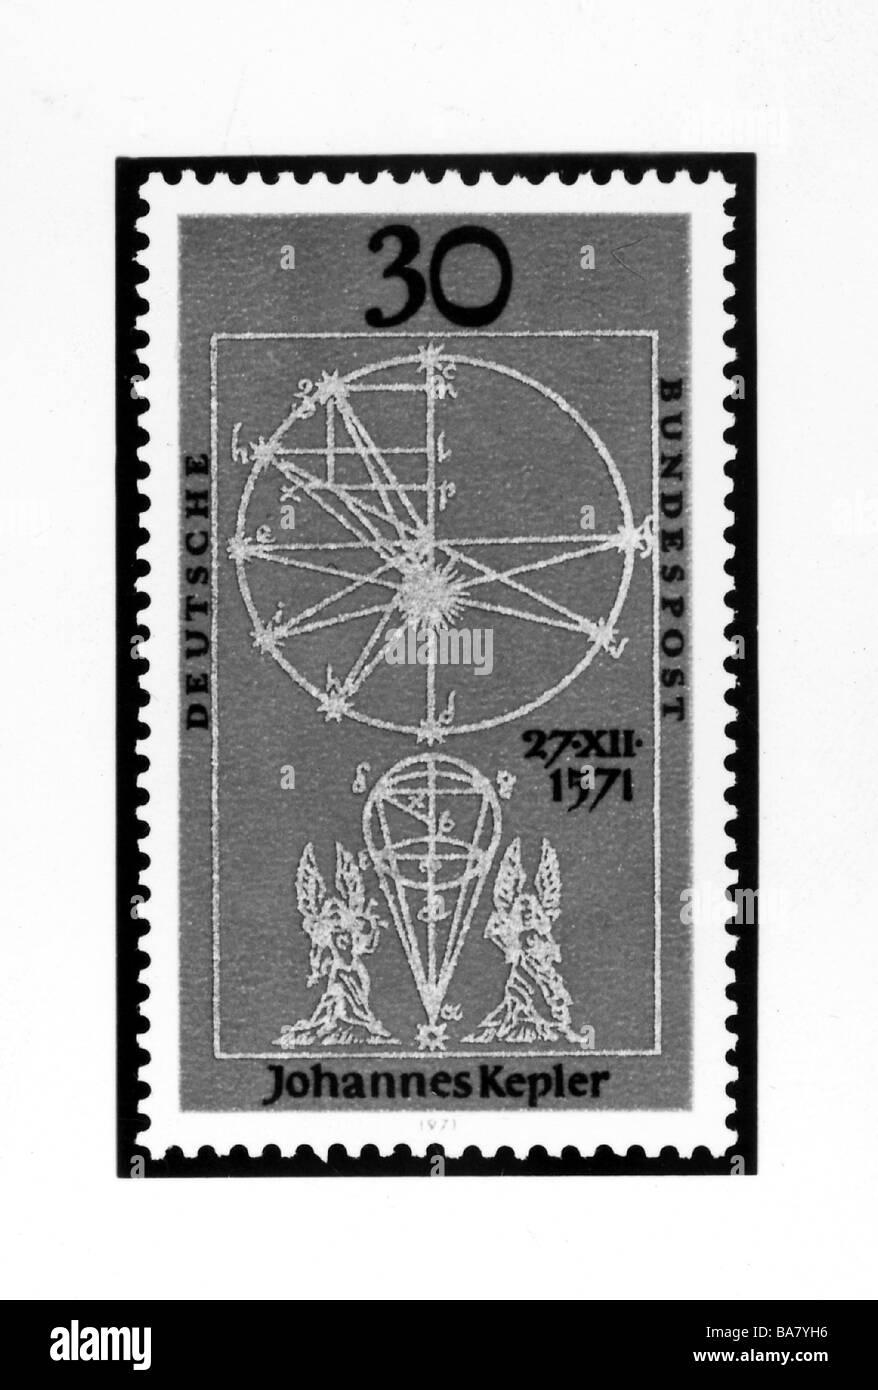 Keplero, Johannes, 27.12.1571 - 15.11.1630, astronomo tedesco, 30 pfennig timbro con illustrazioni dal suo lavoro Immagini Stock